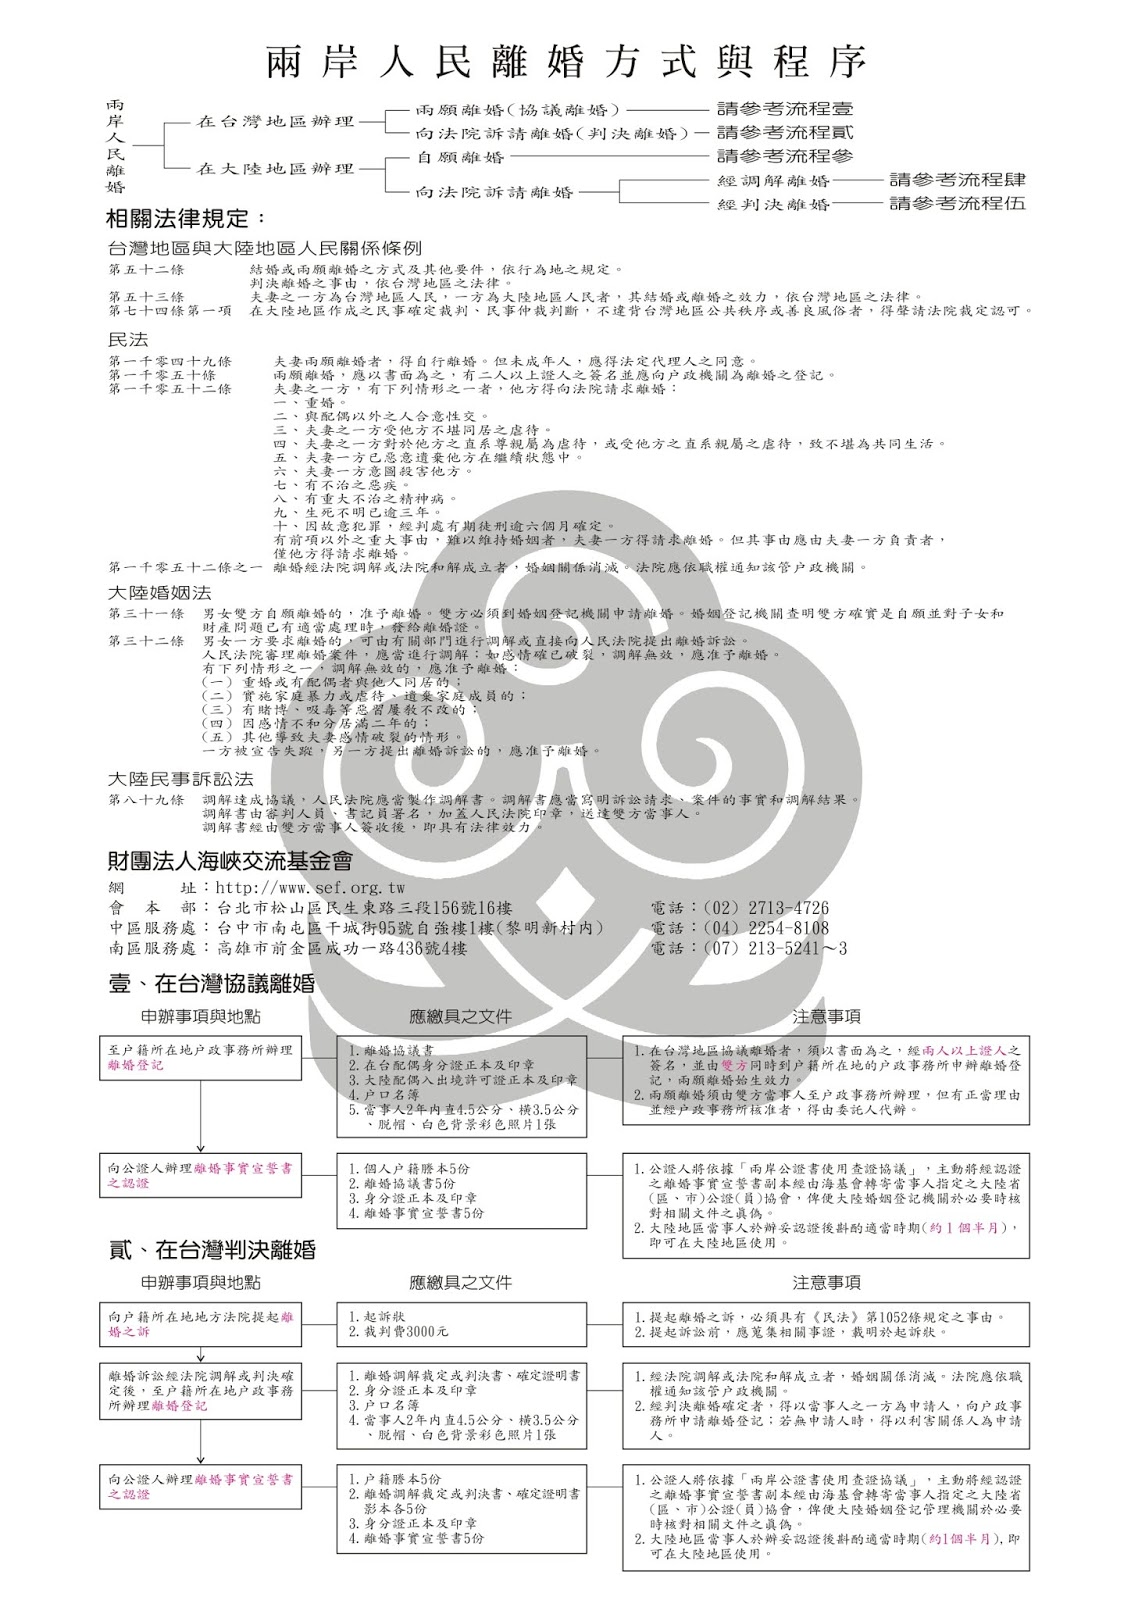 離婚事實宣誓書係台灣人與大陸配婚離婚時,因陸籍配偶需在大陸辦理離婚登記,陸方需要台灣方確認當事人是否確實已離婚,而要求提供離婚事實書供確認,而該文件需要經過公證人公證。